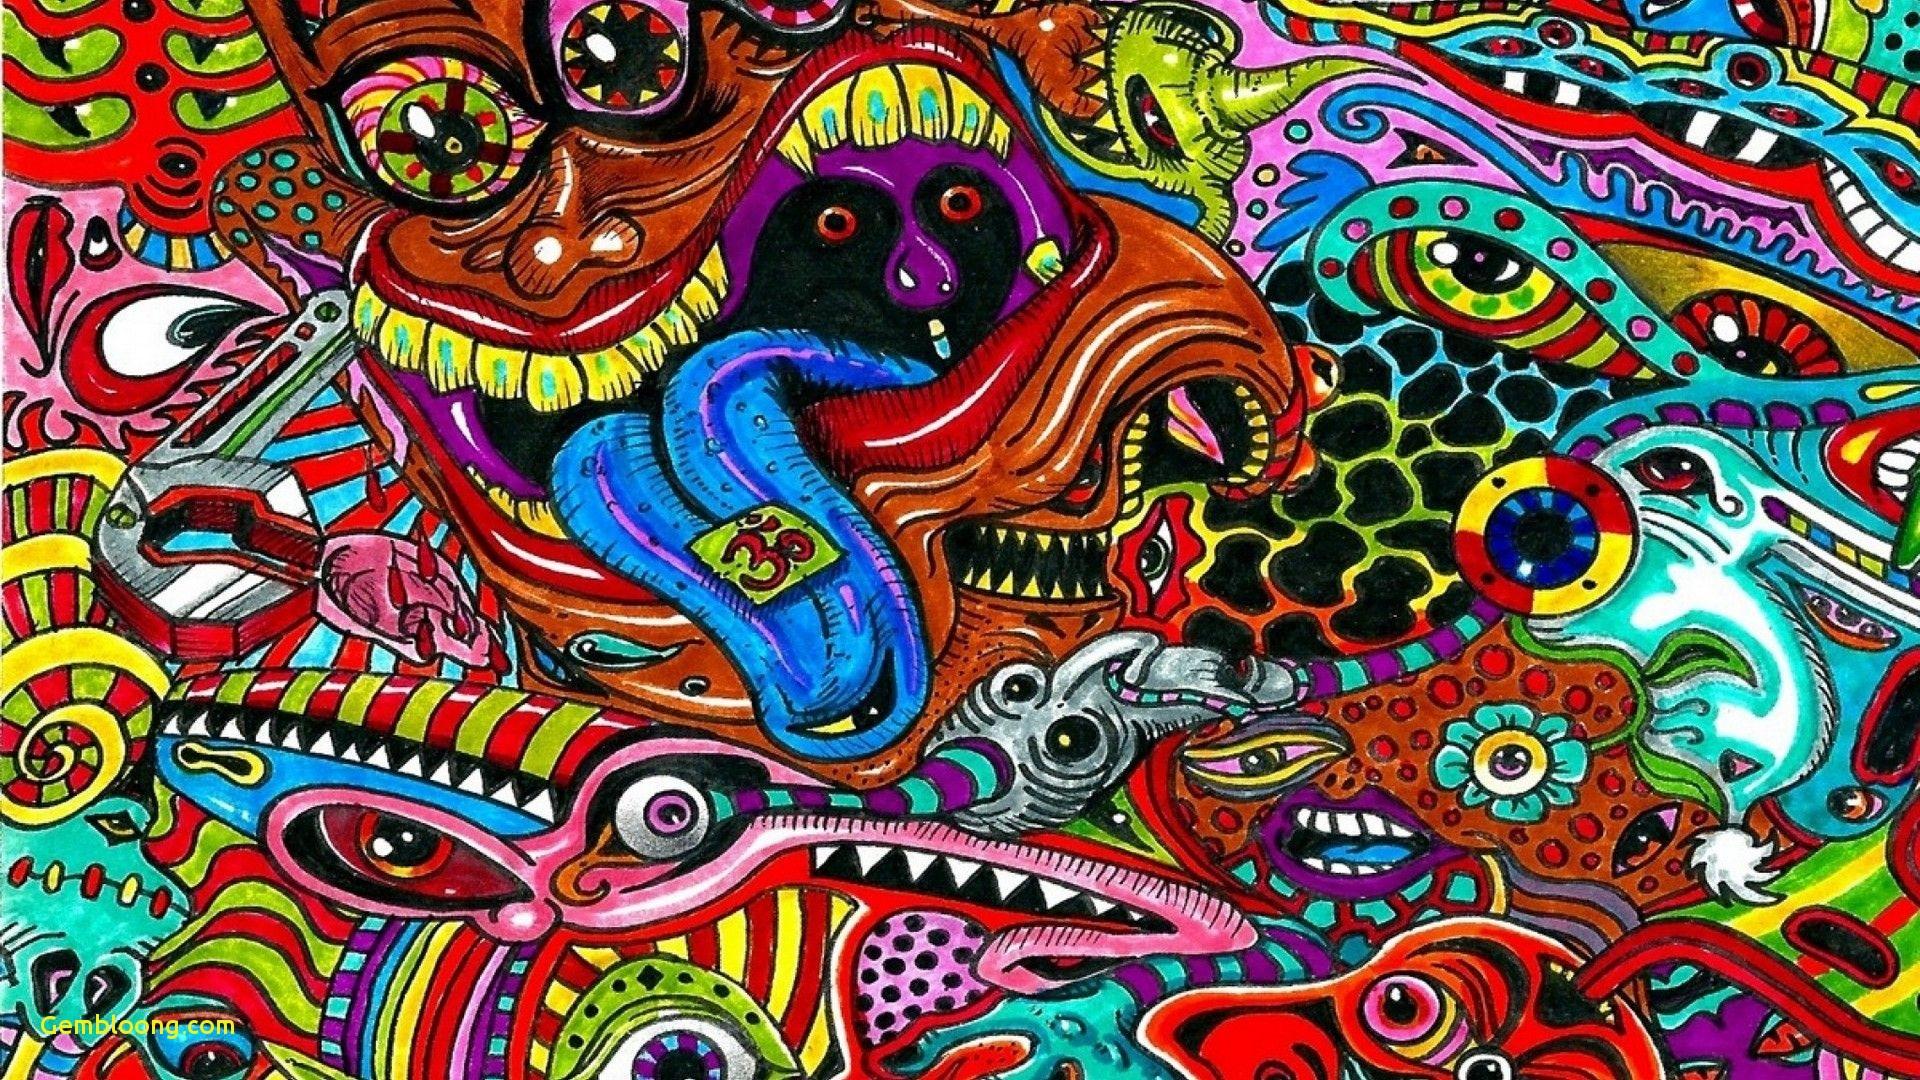 Psychedelic art wallpaper